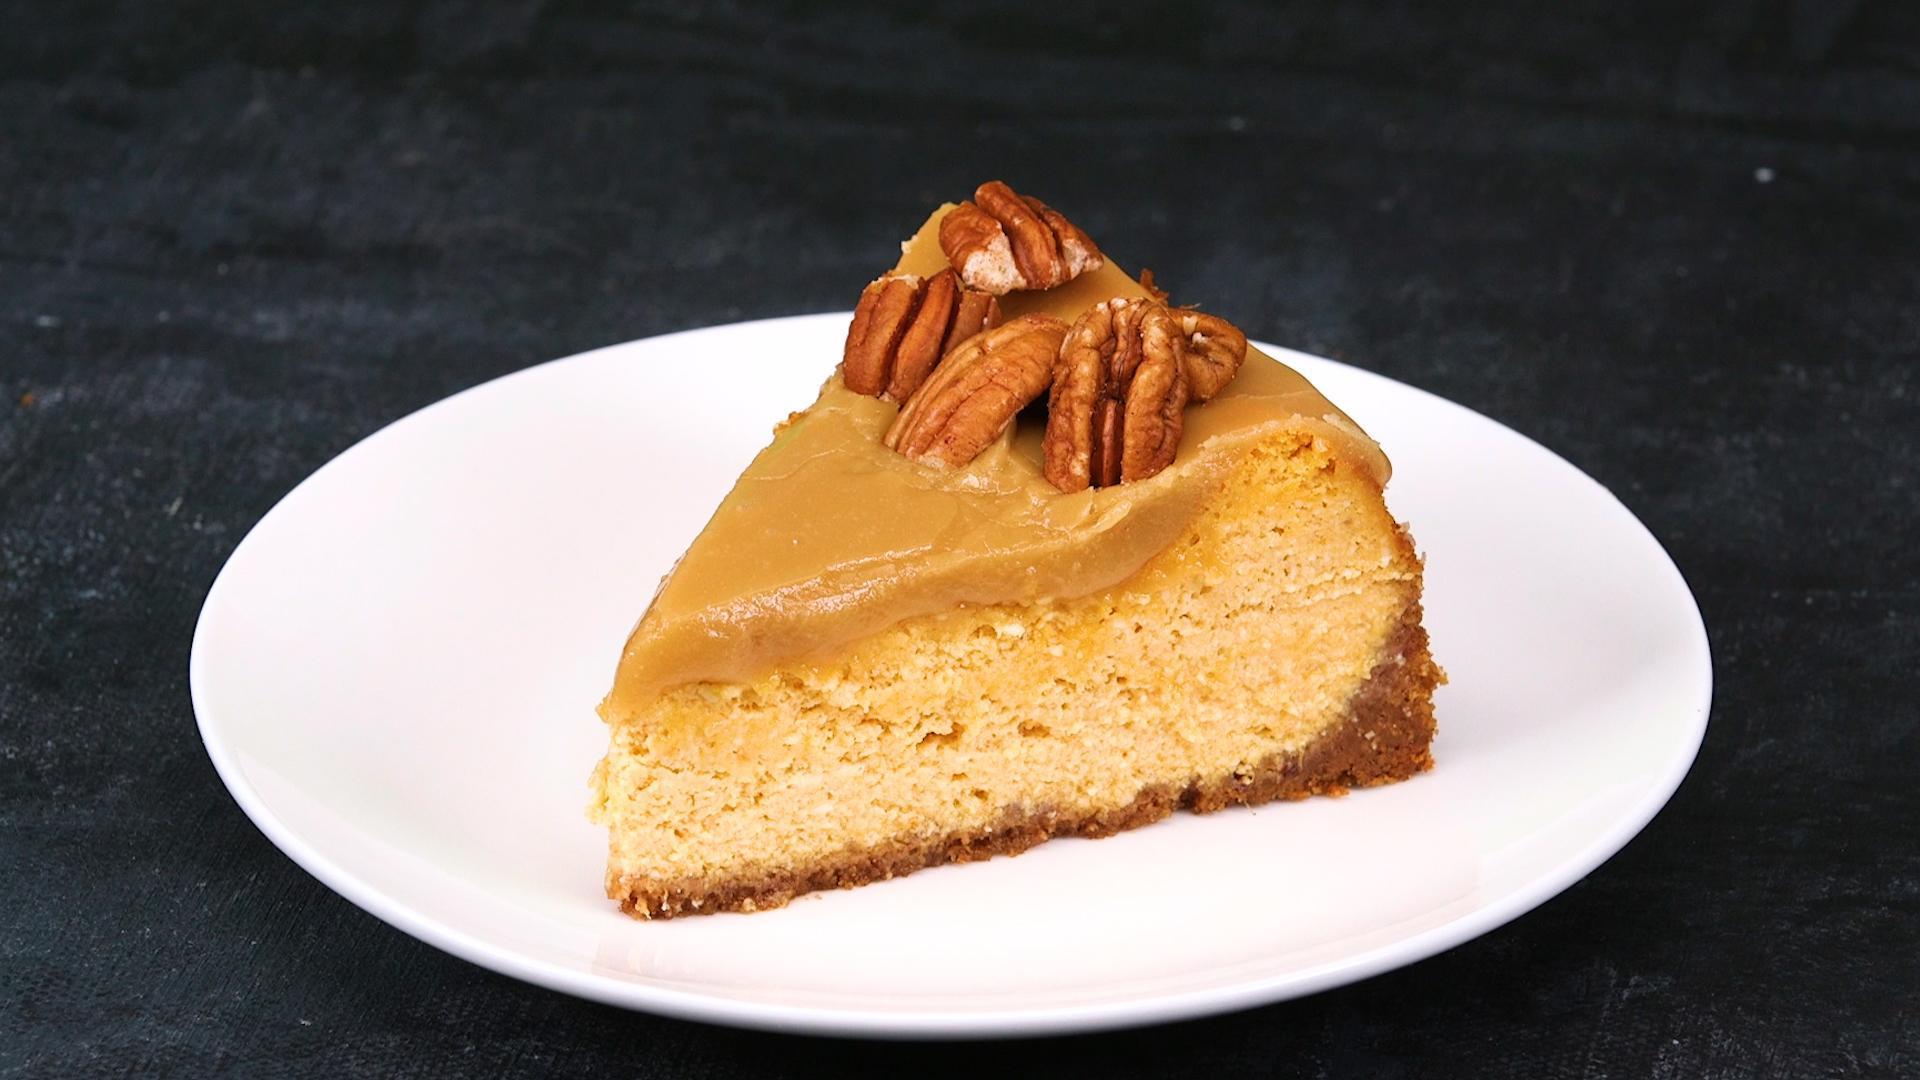 How to Make Pumpkin-Pecan Cheesecake